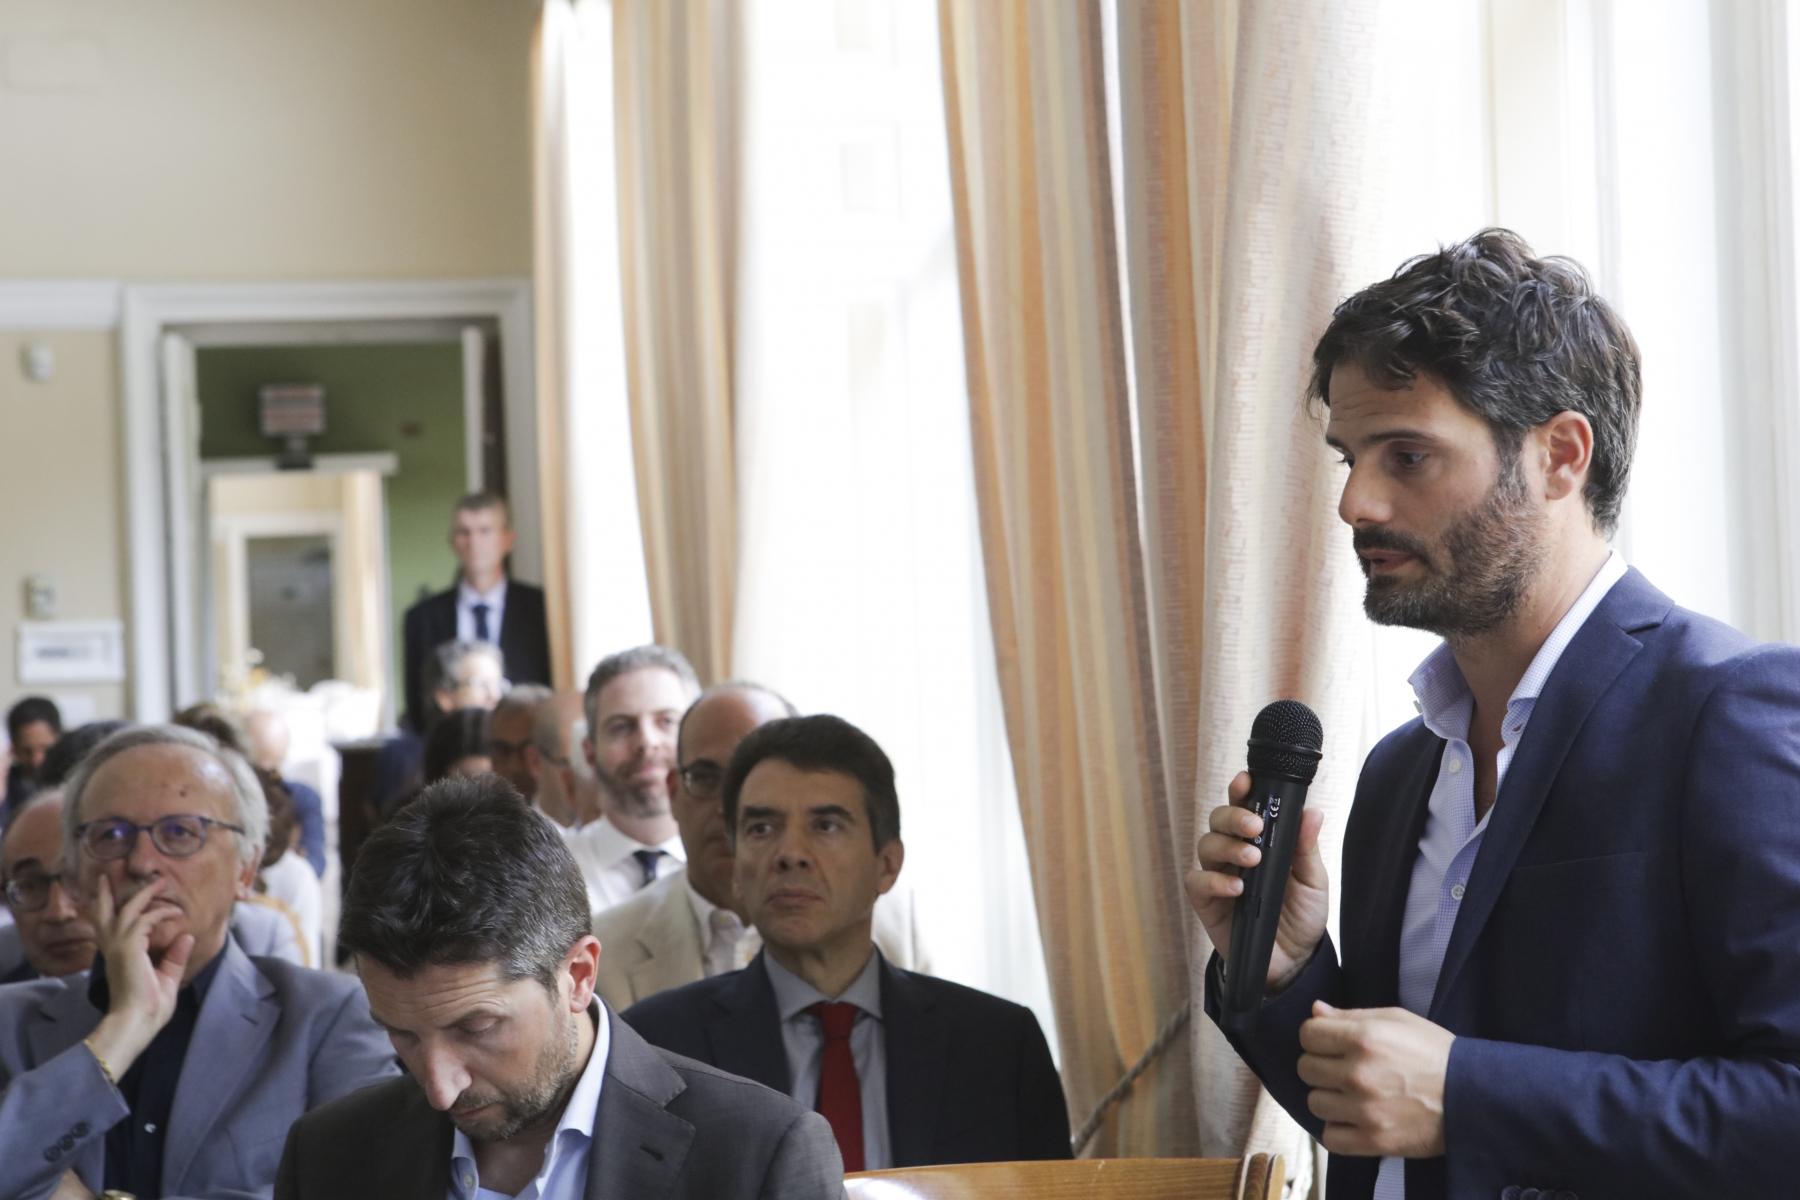 Sandro Lacidogna: Presidente Commissione Rapporti tra Gestori della Distribuzione e Utenti